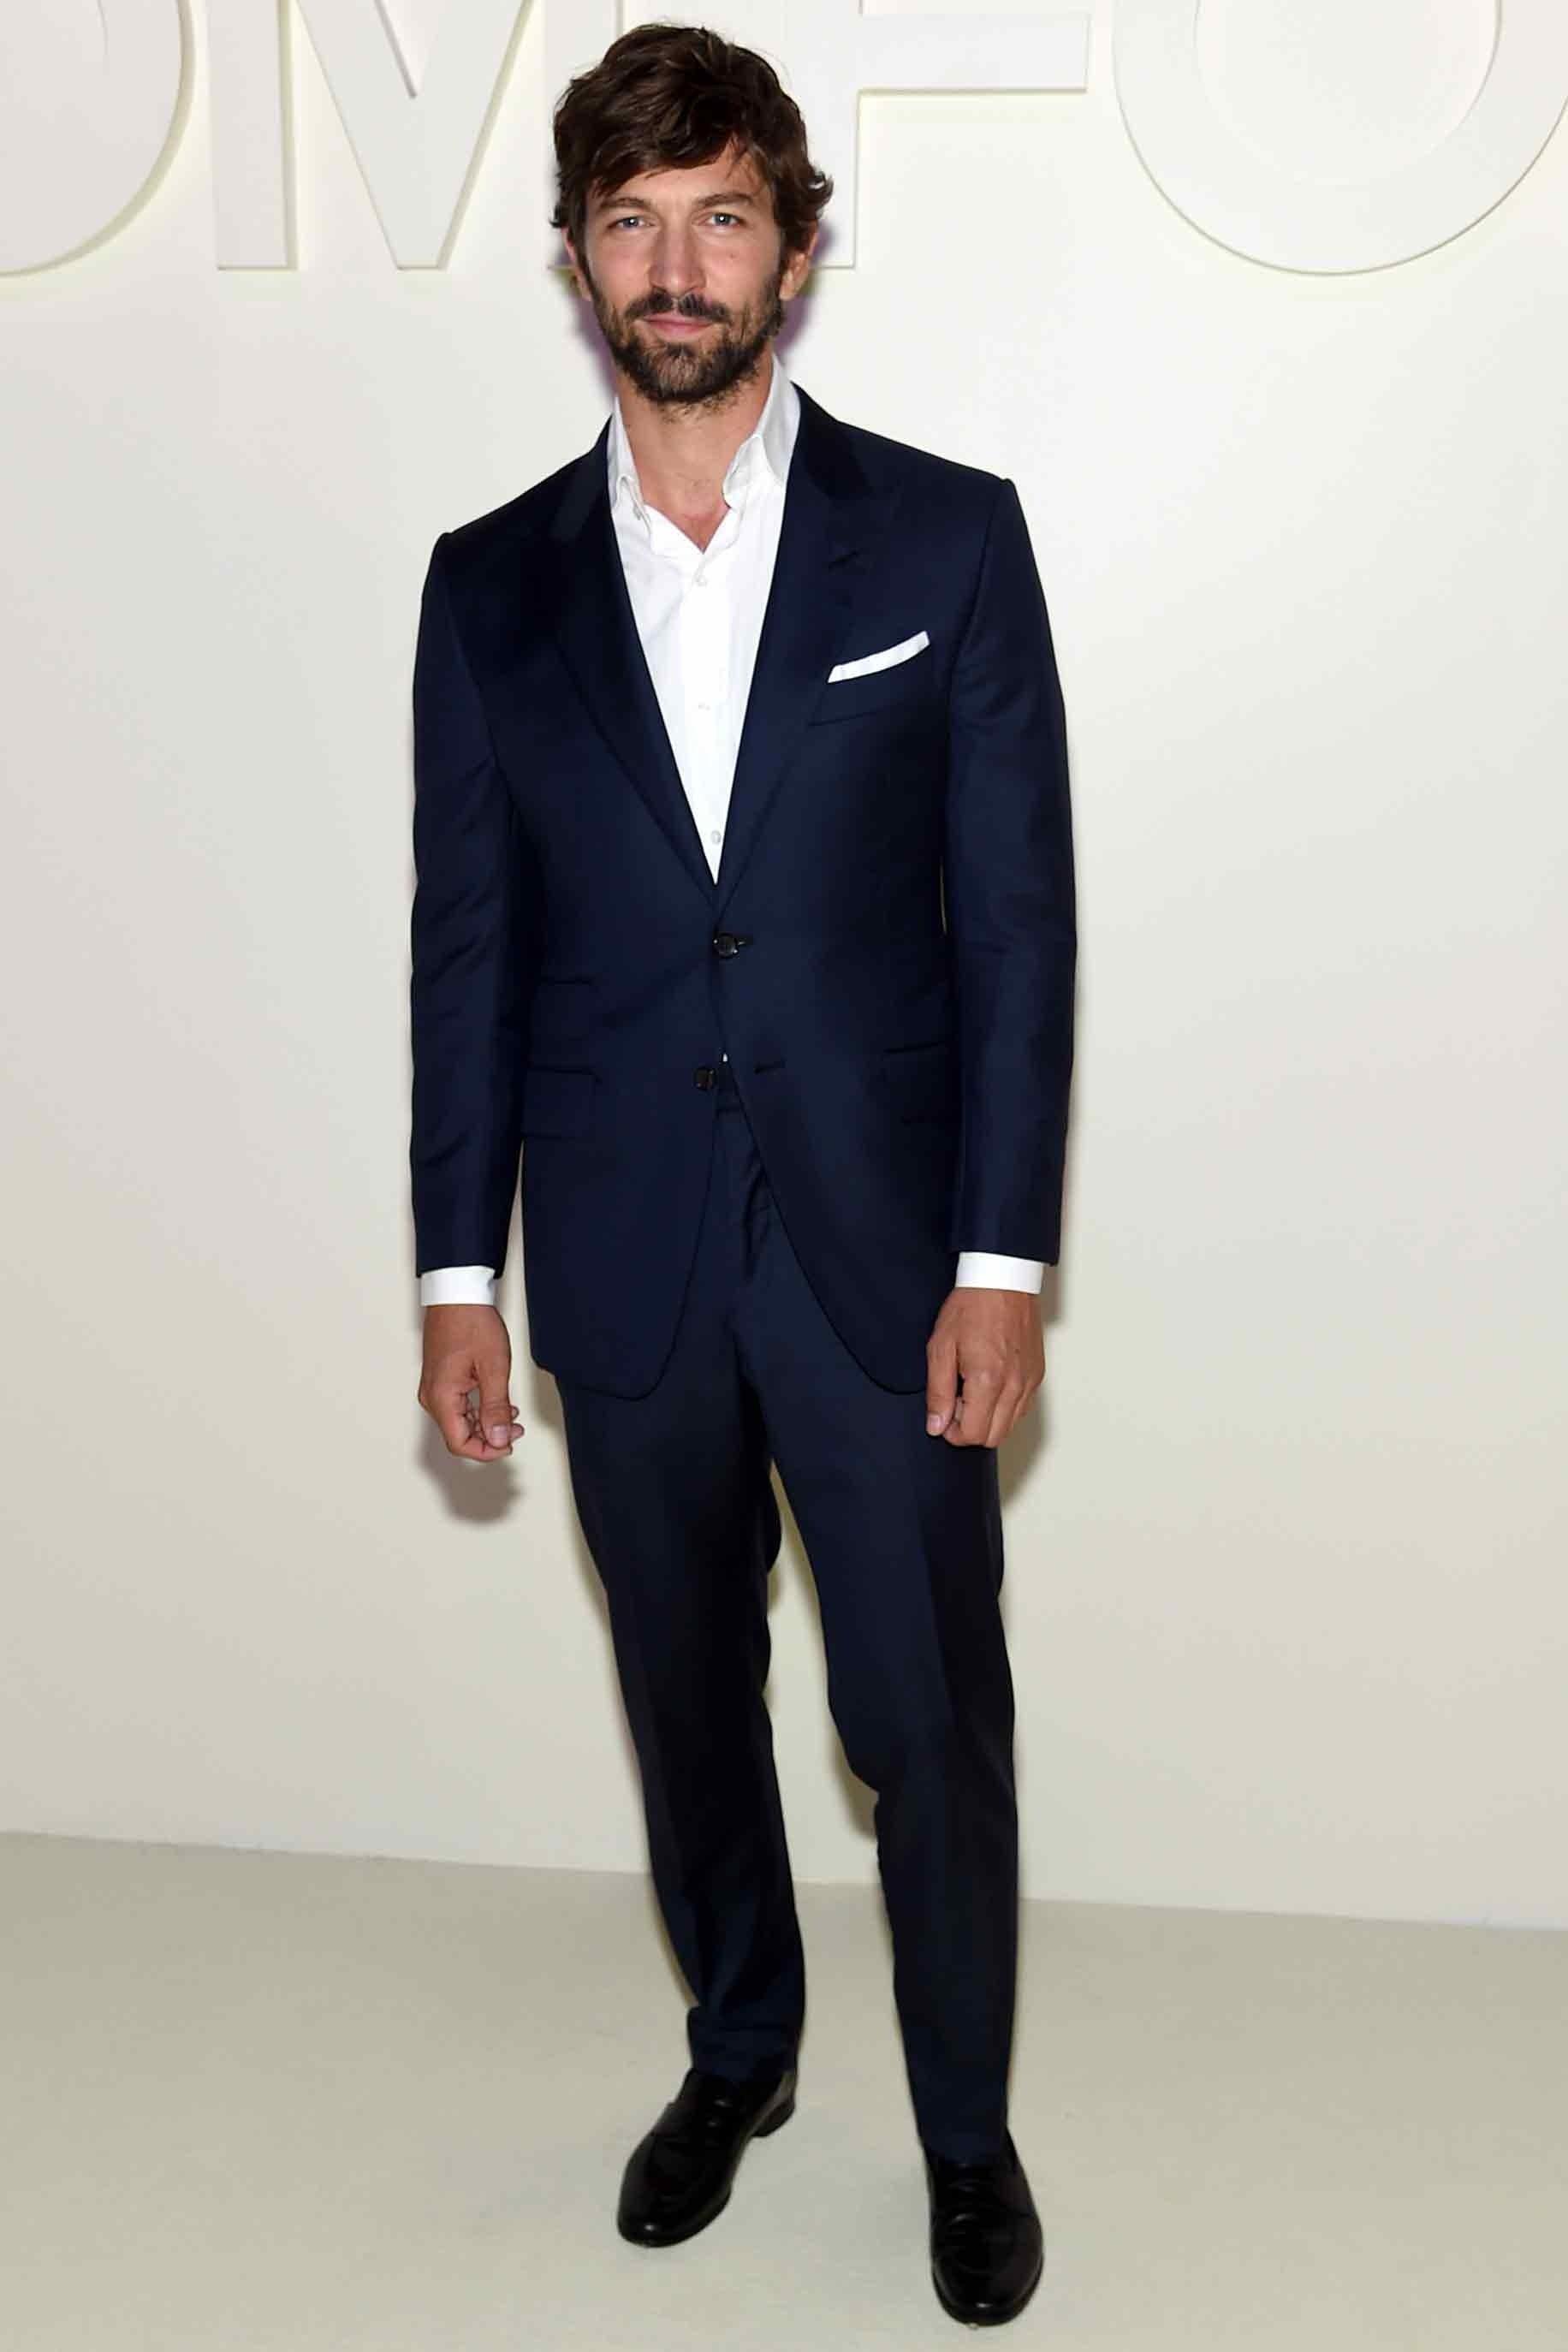 Chàng diễn viên gốc Hà Lan Michiel Huisman thanh lịch với bộ suit màu xanh navy trong show diễn của nhà Tom Ford. Ảnh: GQ